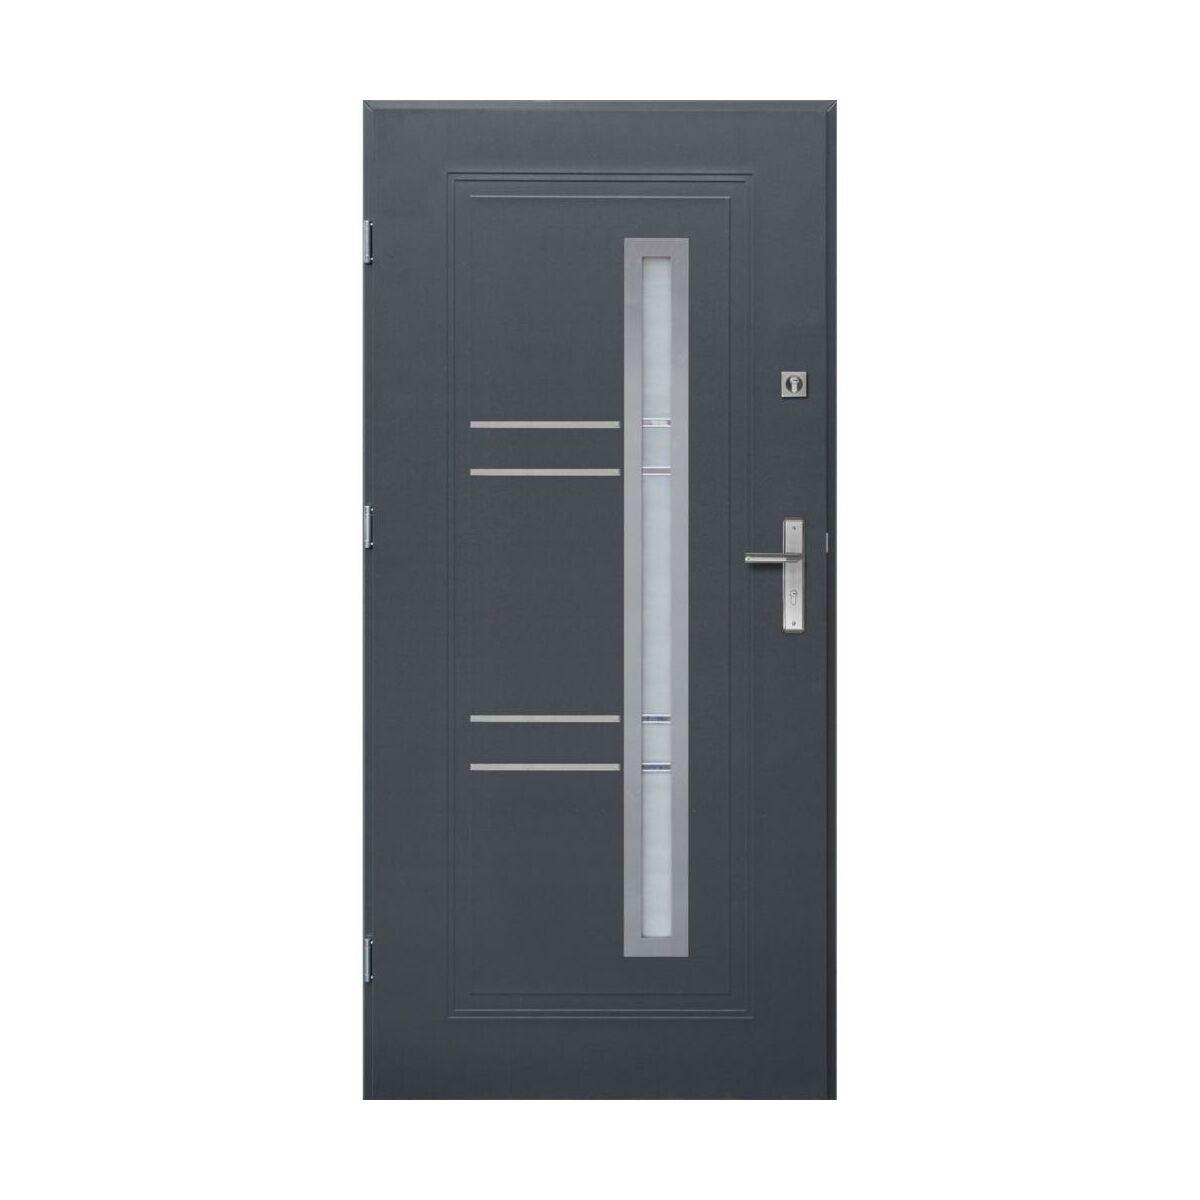 drzwi wej ciowe zefir prime 55 drzwi wej ciowe do domu mieszkania w atrakcyjnej cenie w. Black Bedroom Furniture Sets. Home Design Ideas